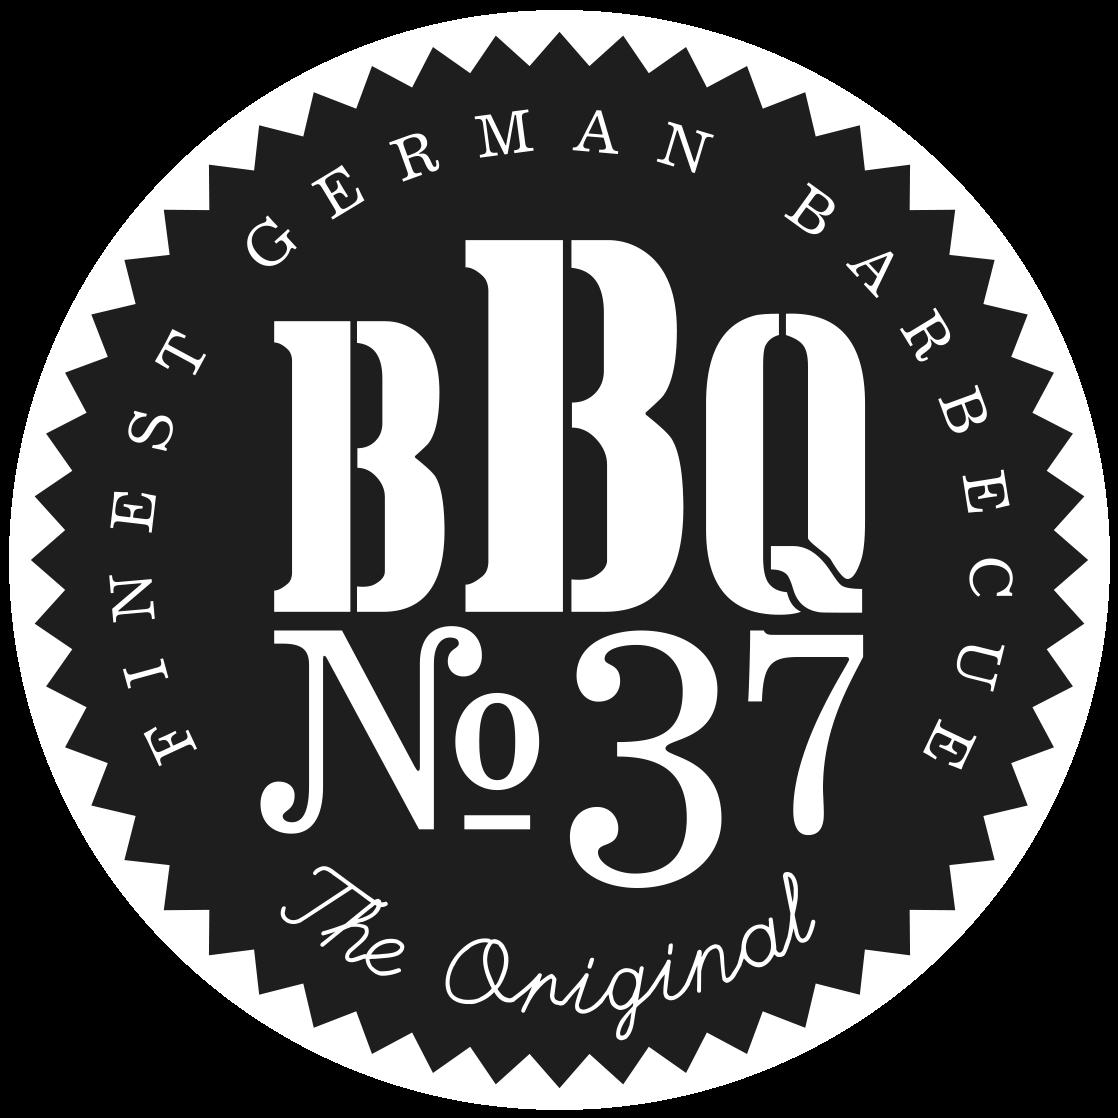 BBQ No. 37